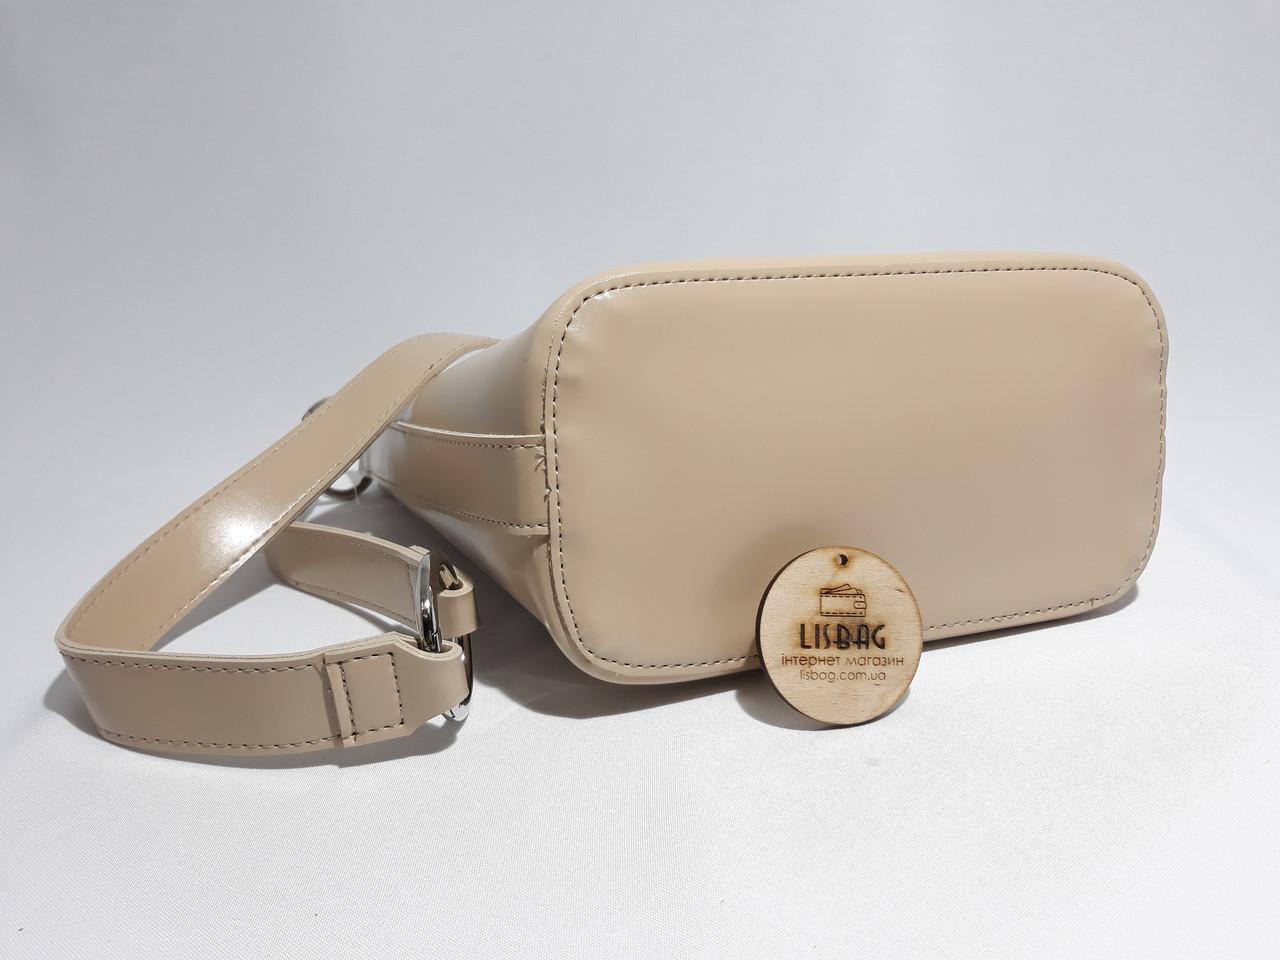 0b98da49c756 Женская вместительная сумка мешок на плече новинка, гладкая на ощупь  бежевая, цена 501 грн., купить в Умани — Prom.ua (ID#696355265)